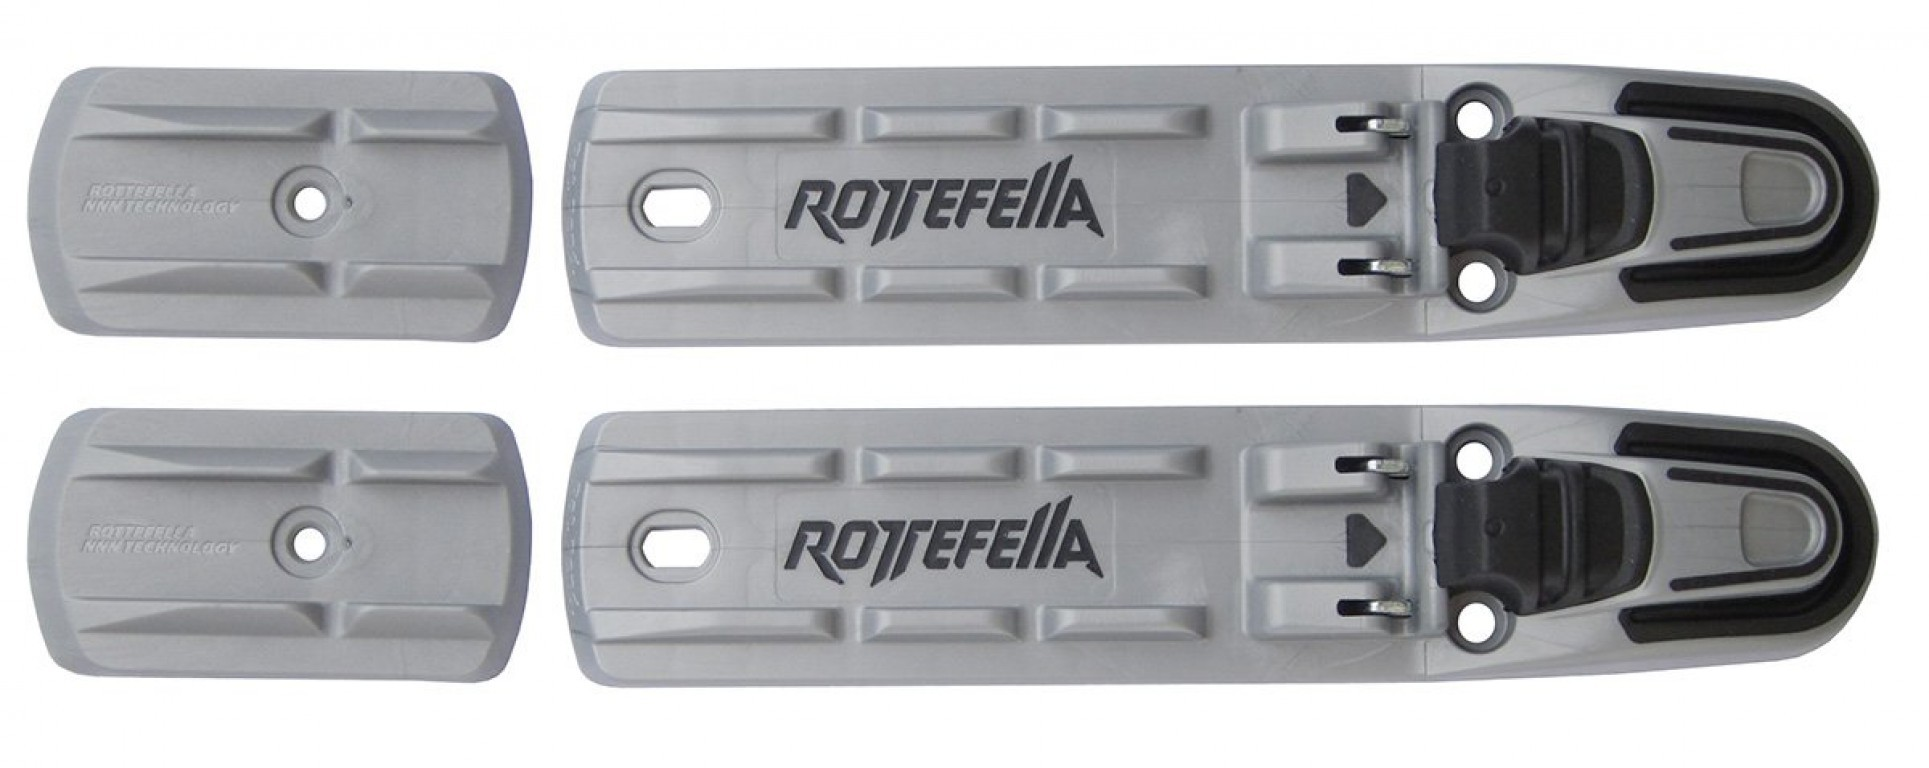 Лыжные крепления ROTTEFELLA 2014-15 Touring Step-In (упаковка 10 пар), Беговые лыжи - арт. 605840419